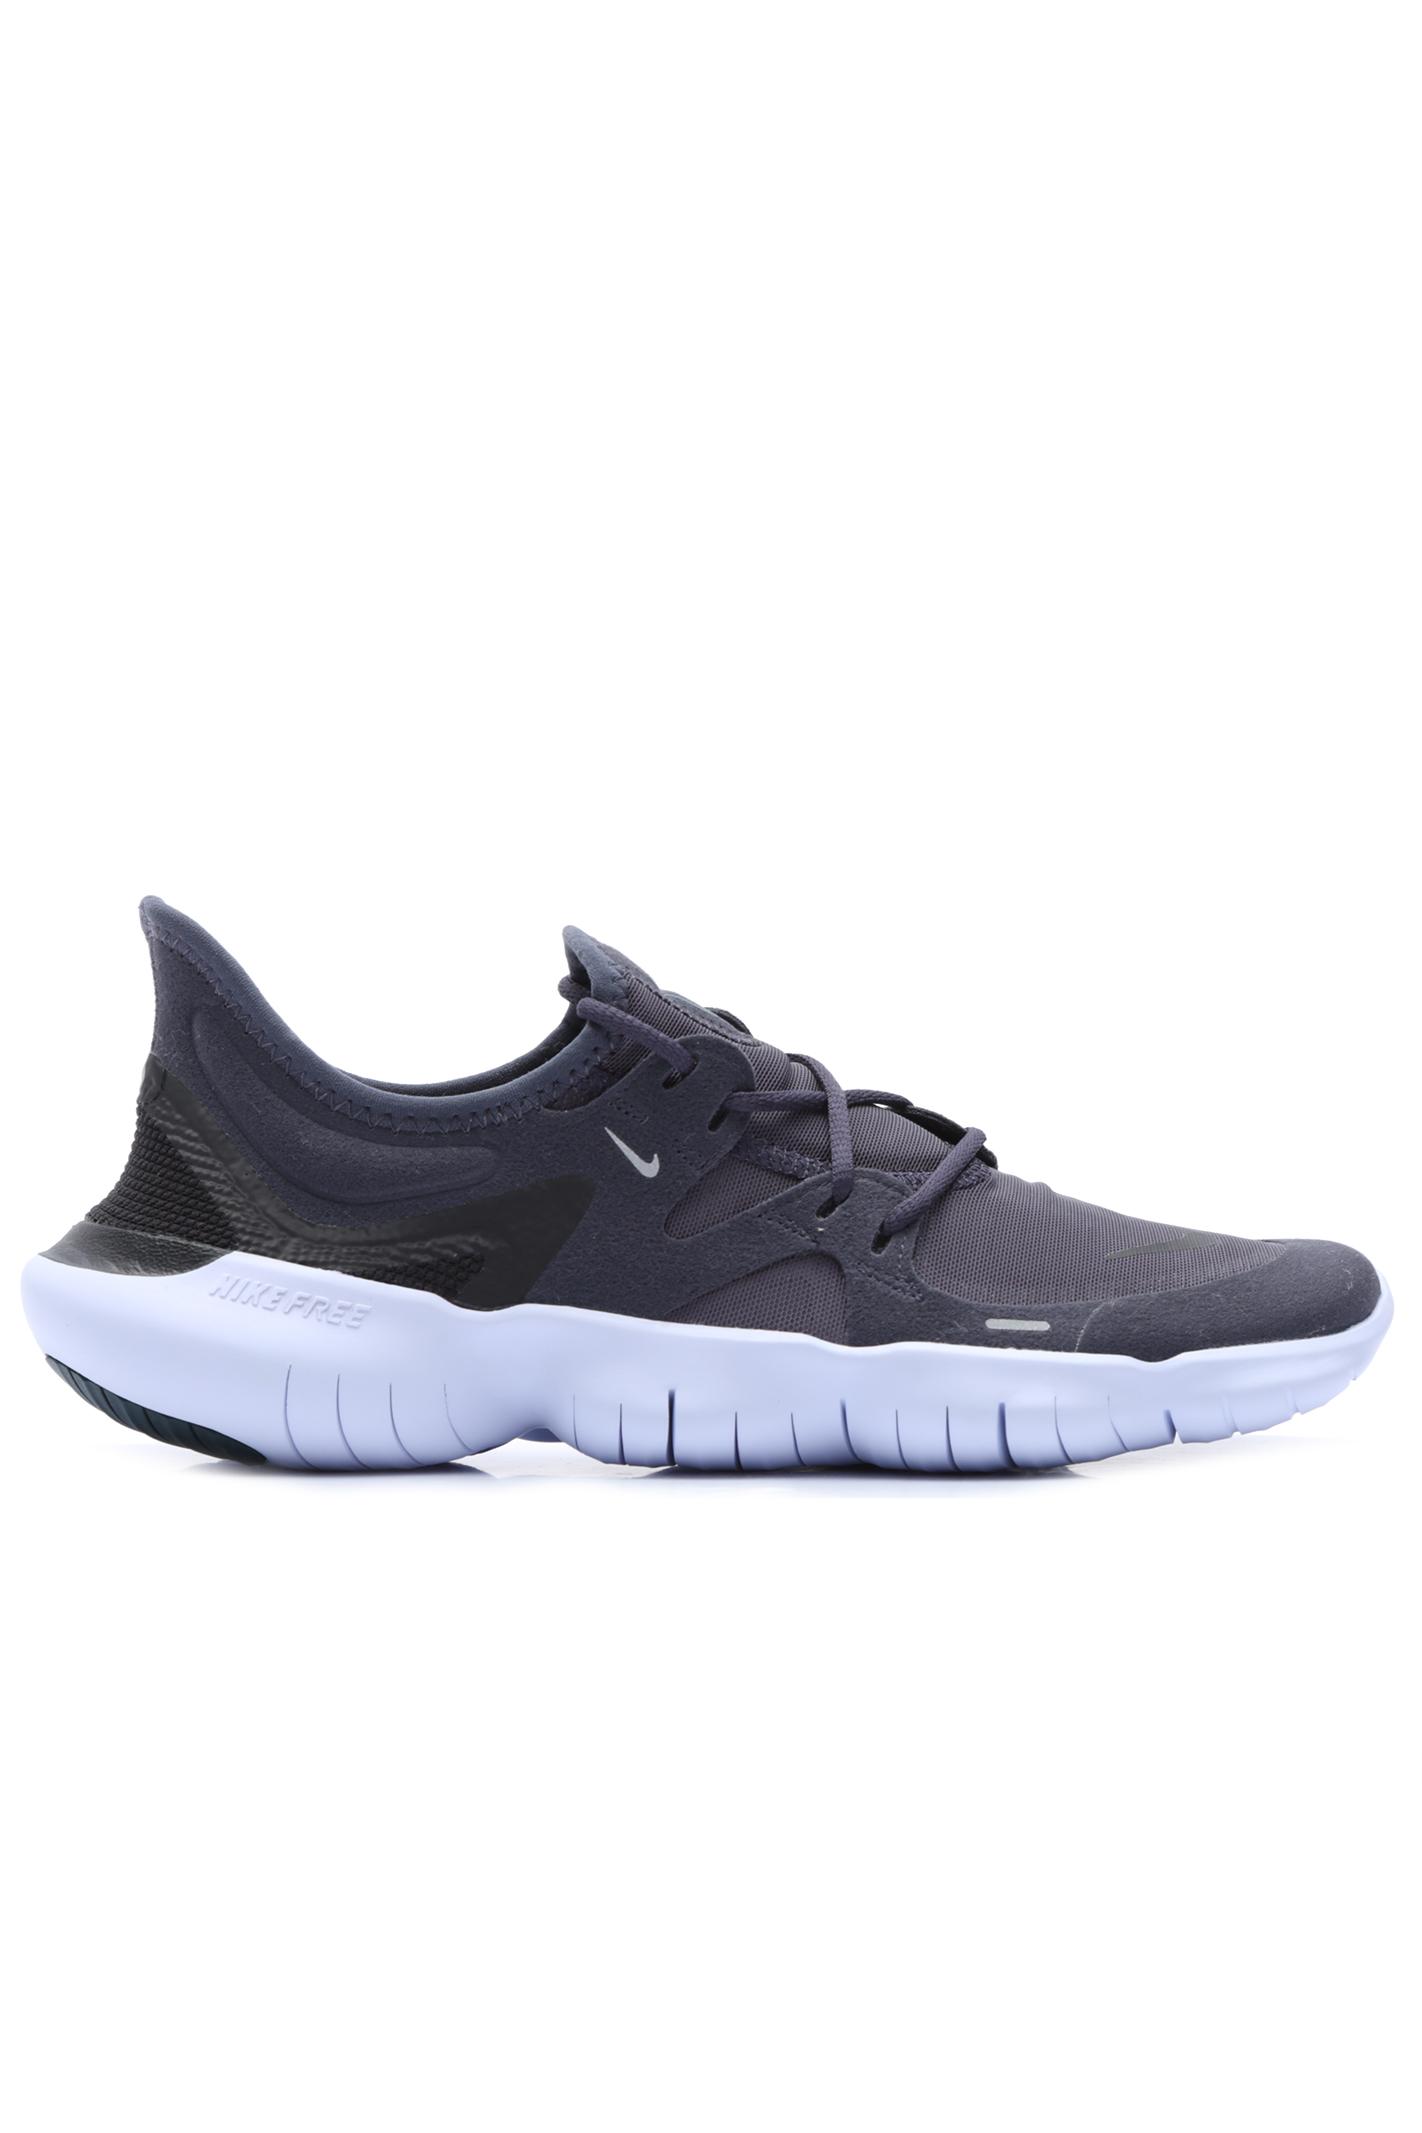 Tênis Wmns Nike Free Rn 5.0